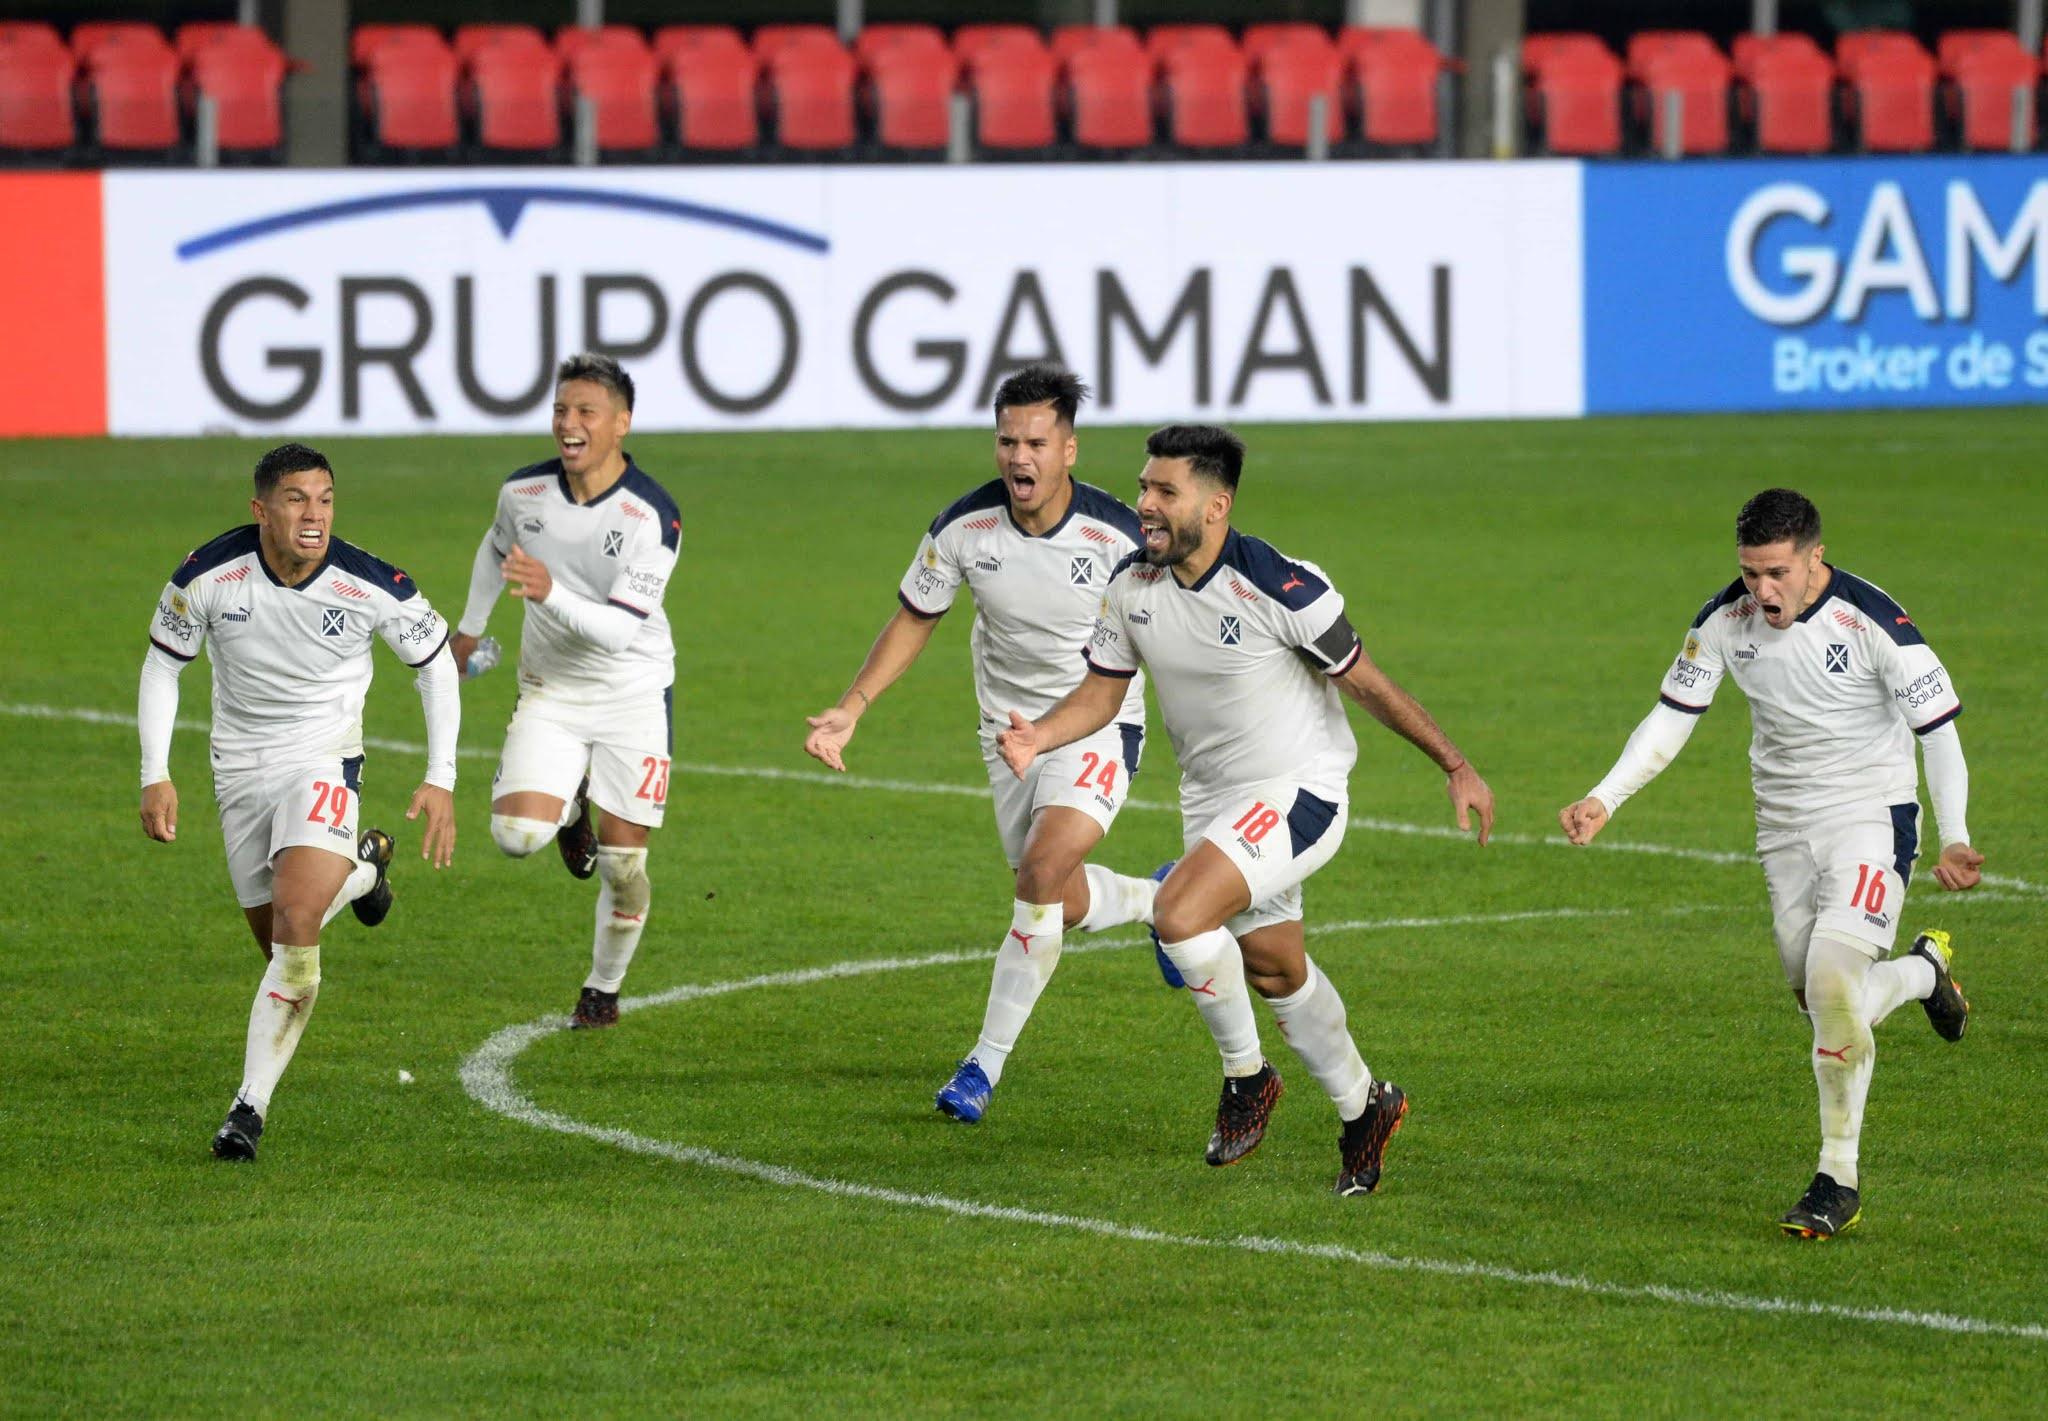 Independiente es semifinalista tras derrotar a Estudiantes en los penales